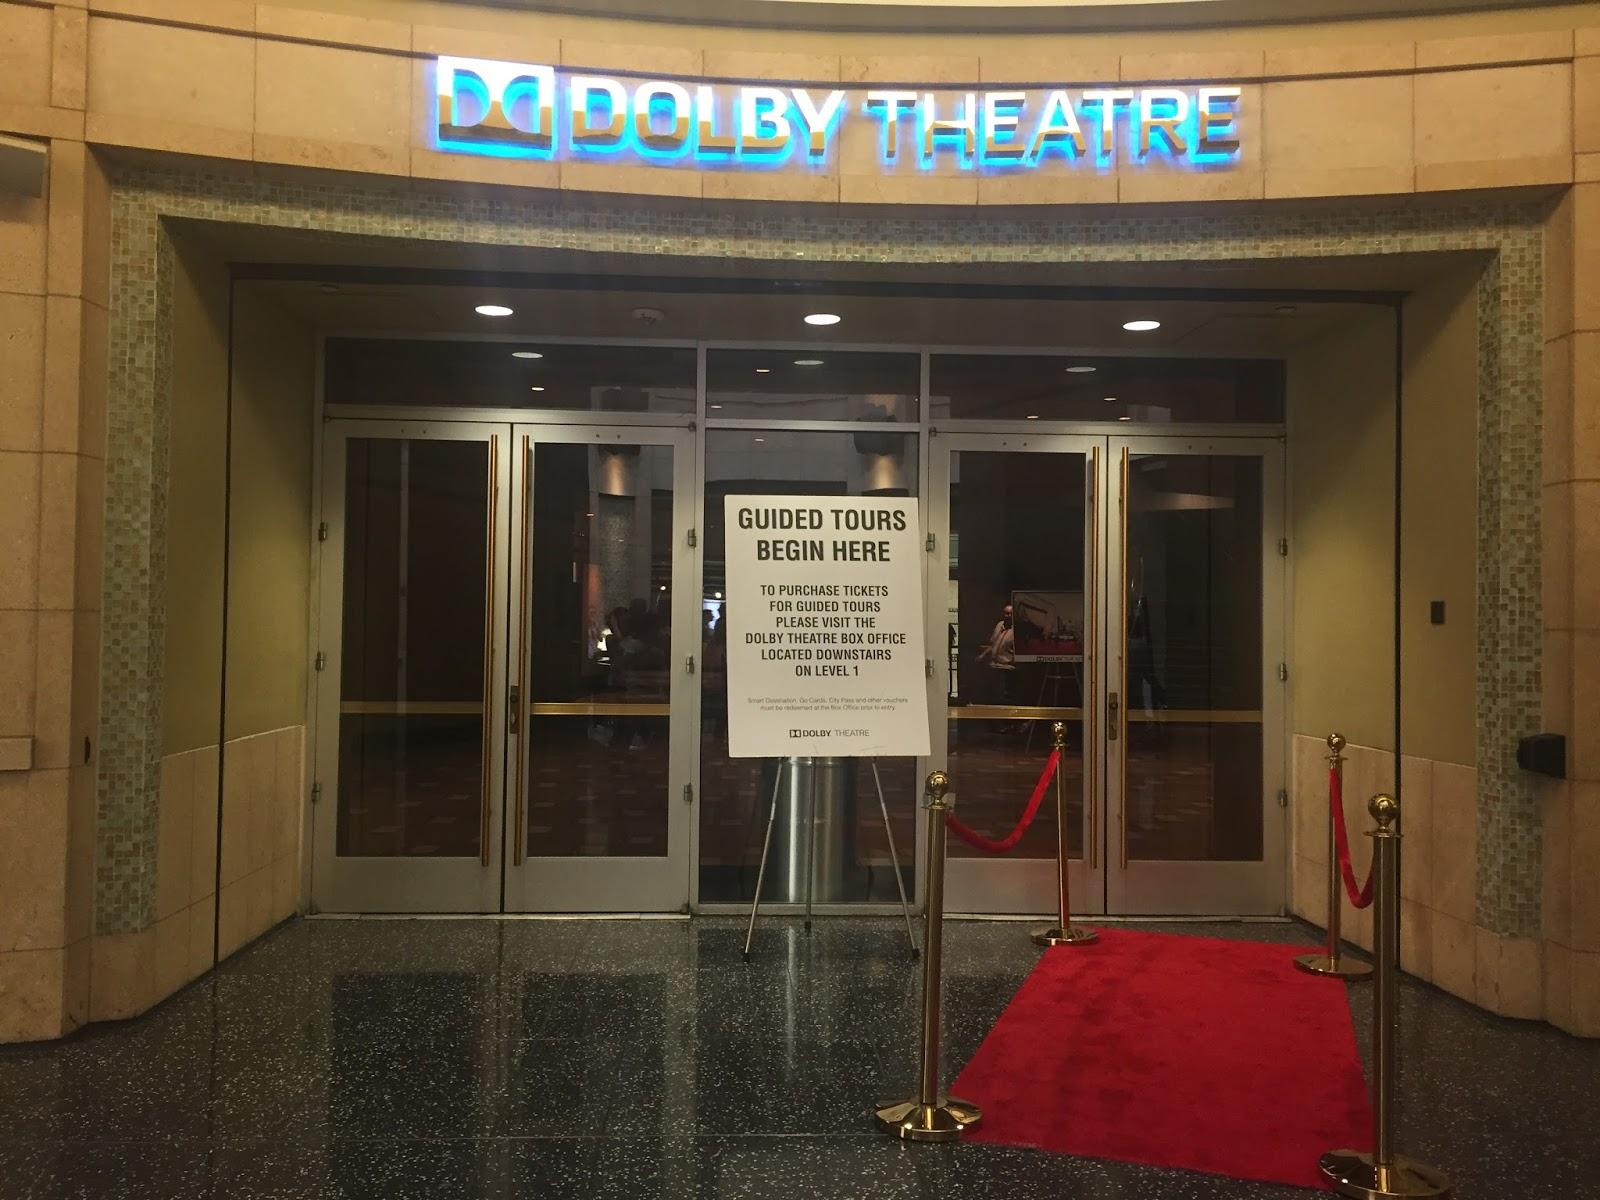 USA états unis amérique vacance transat roadtrip ouest américain holliwood boulevard dolby theatre